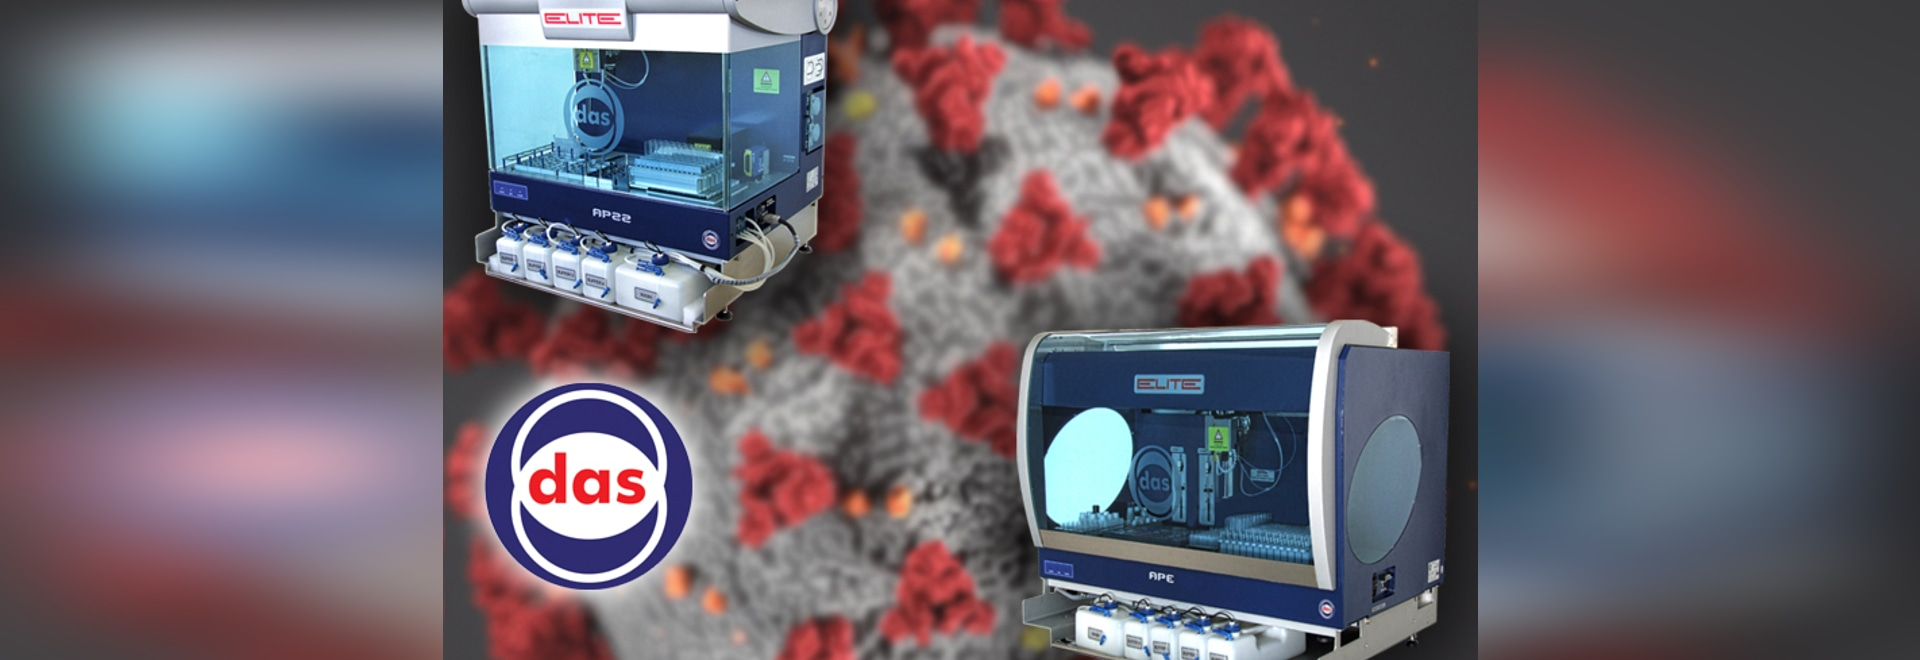 DAS - ELISA Sistemas flexibles para procesar la mayoría de las pruebas ELISA de Covid-19